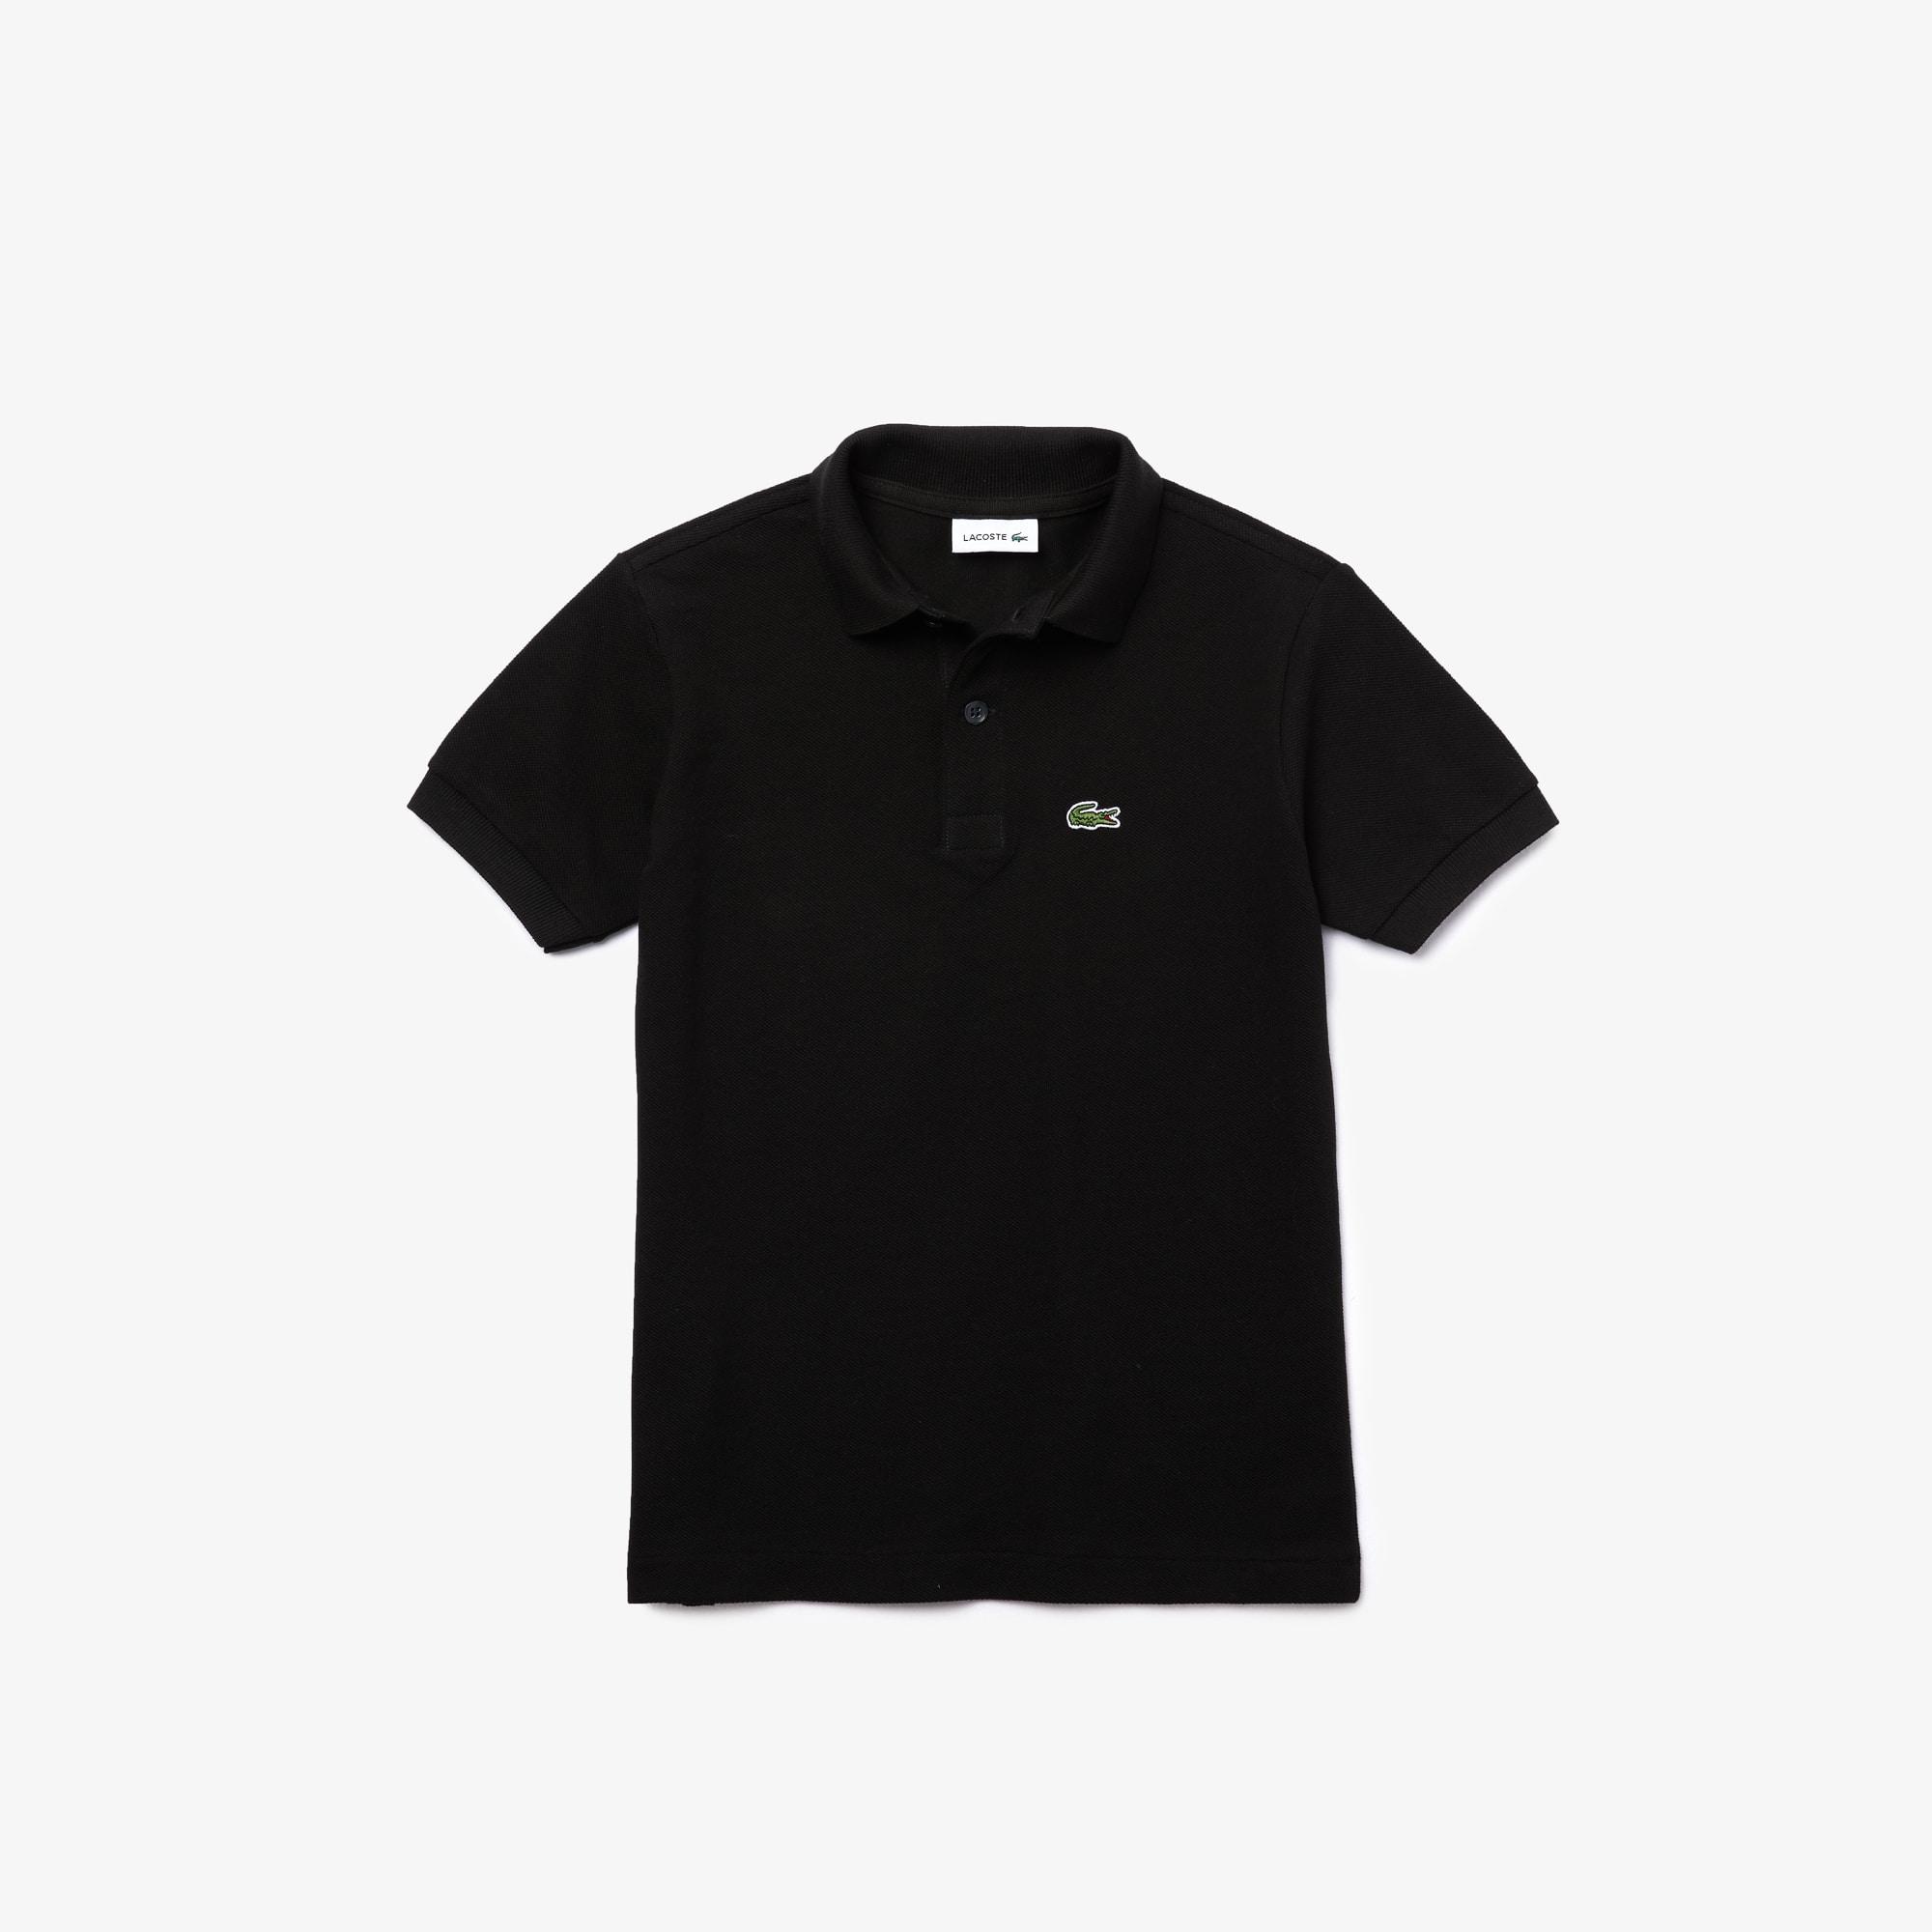 라코스테 보이즈 클래식 피케 폴로셔츠 - 블랙 Lacoste Boys' Classic Pique Polo